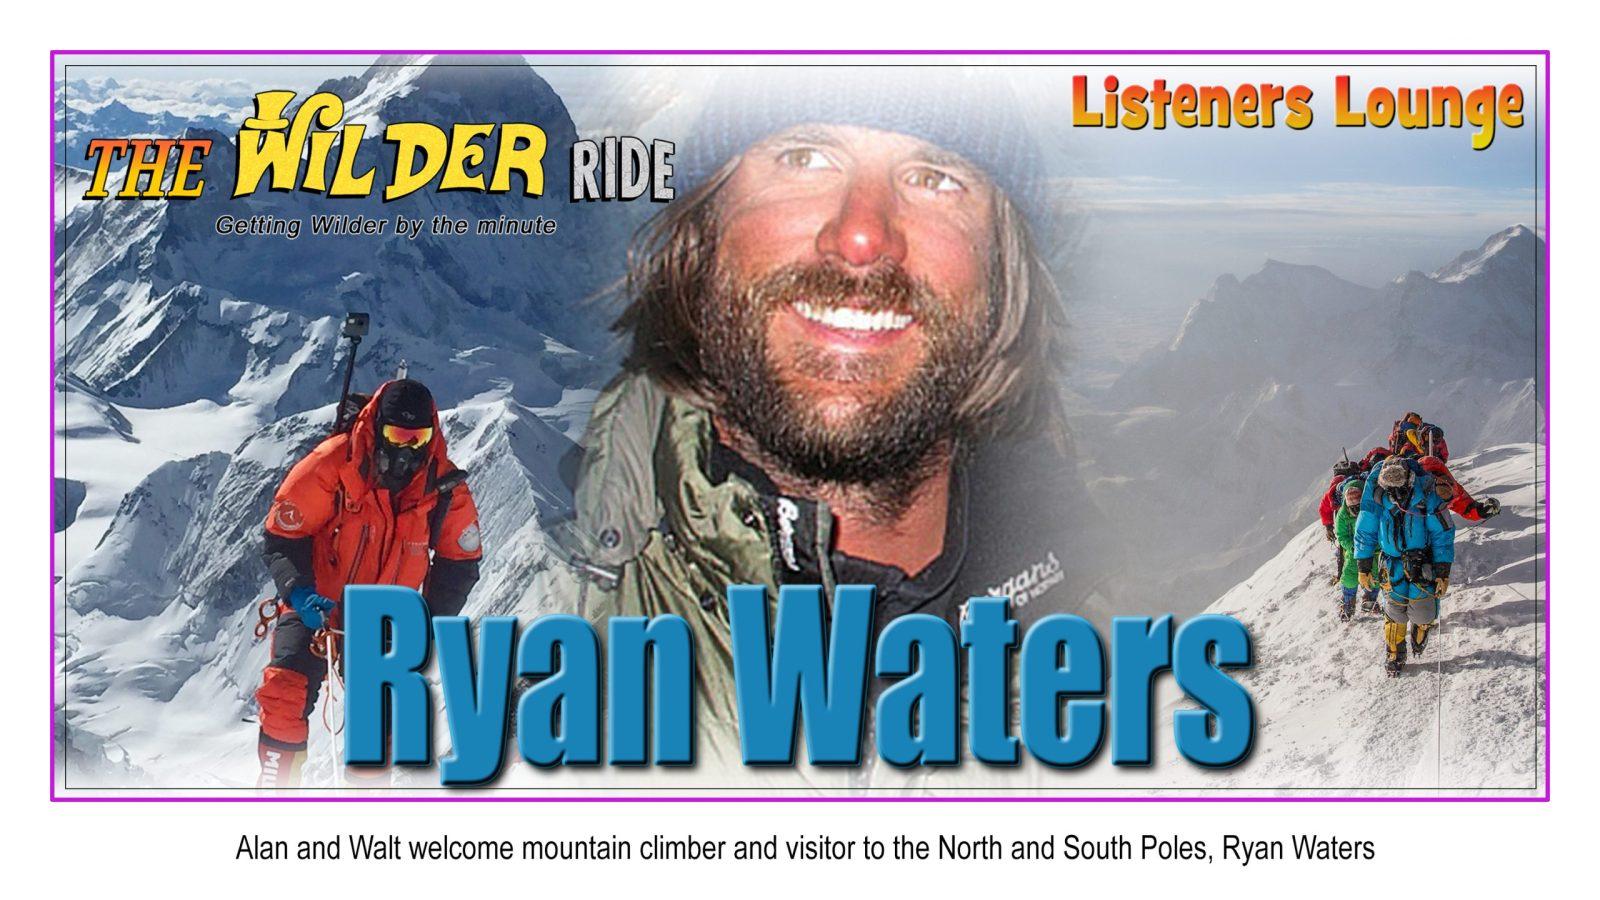 Ryan Waters